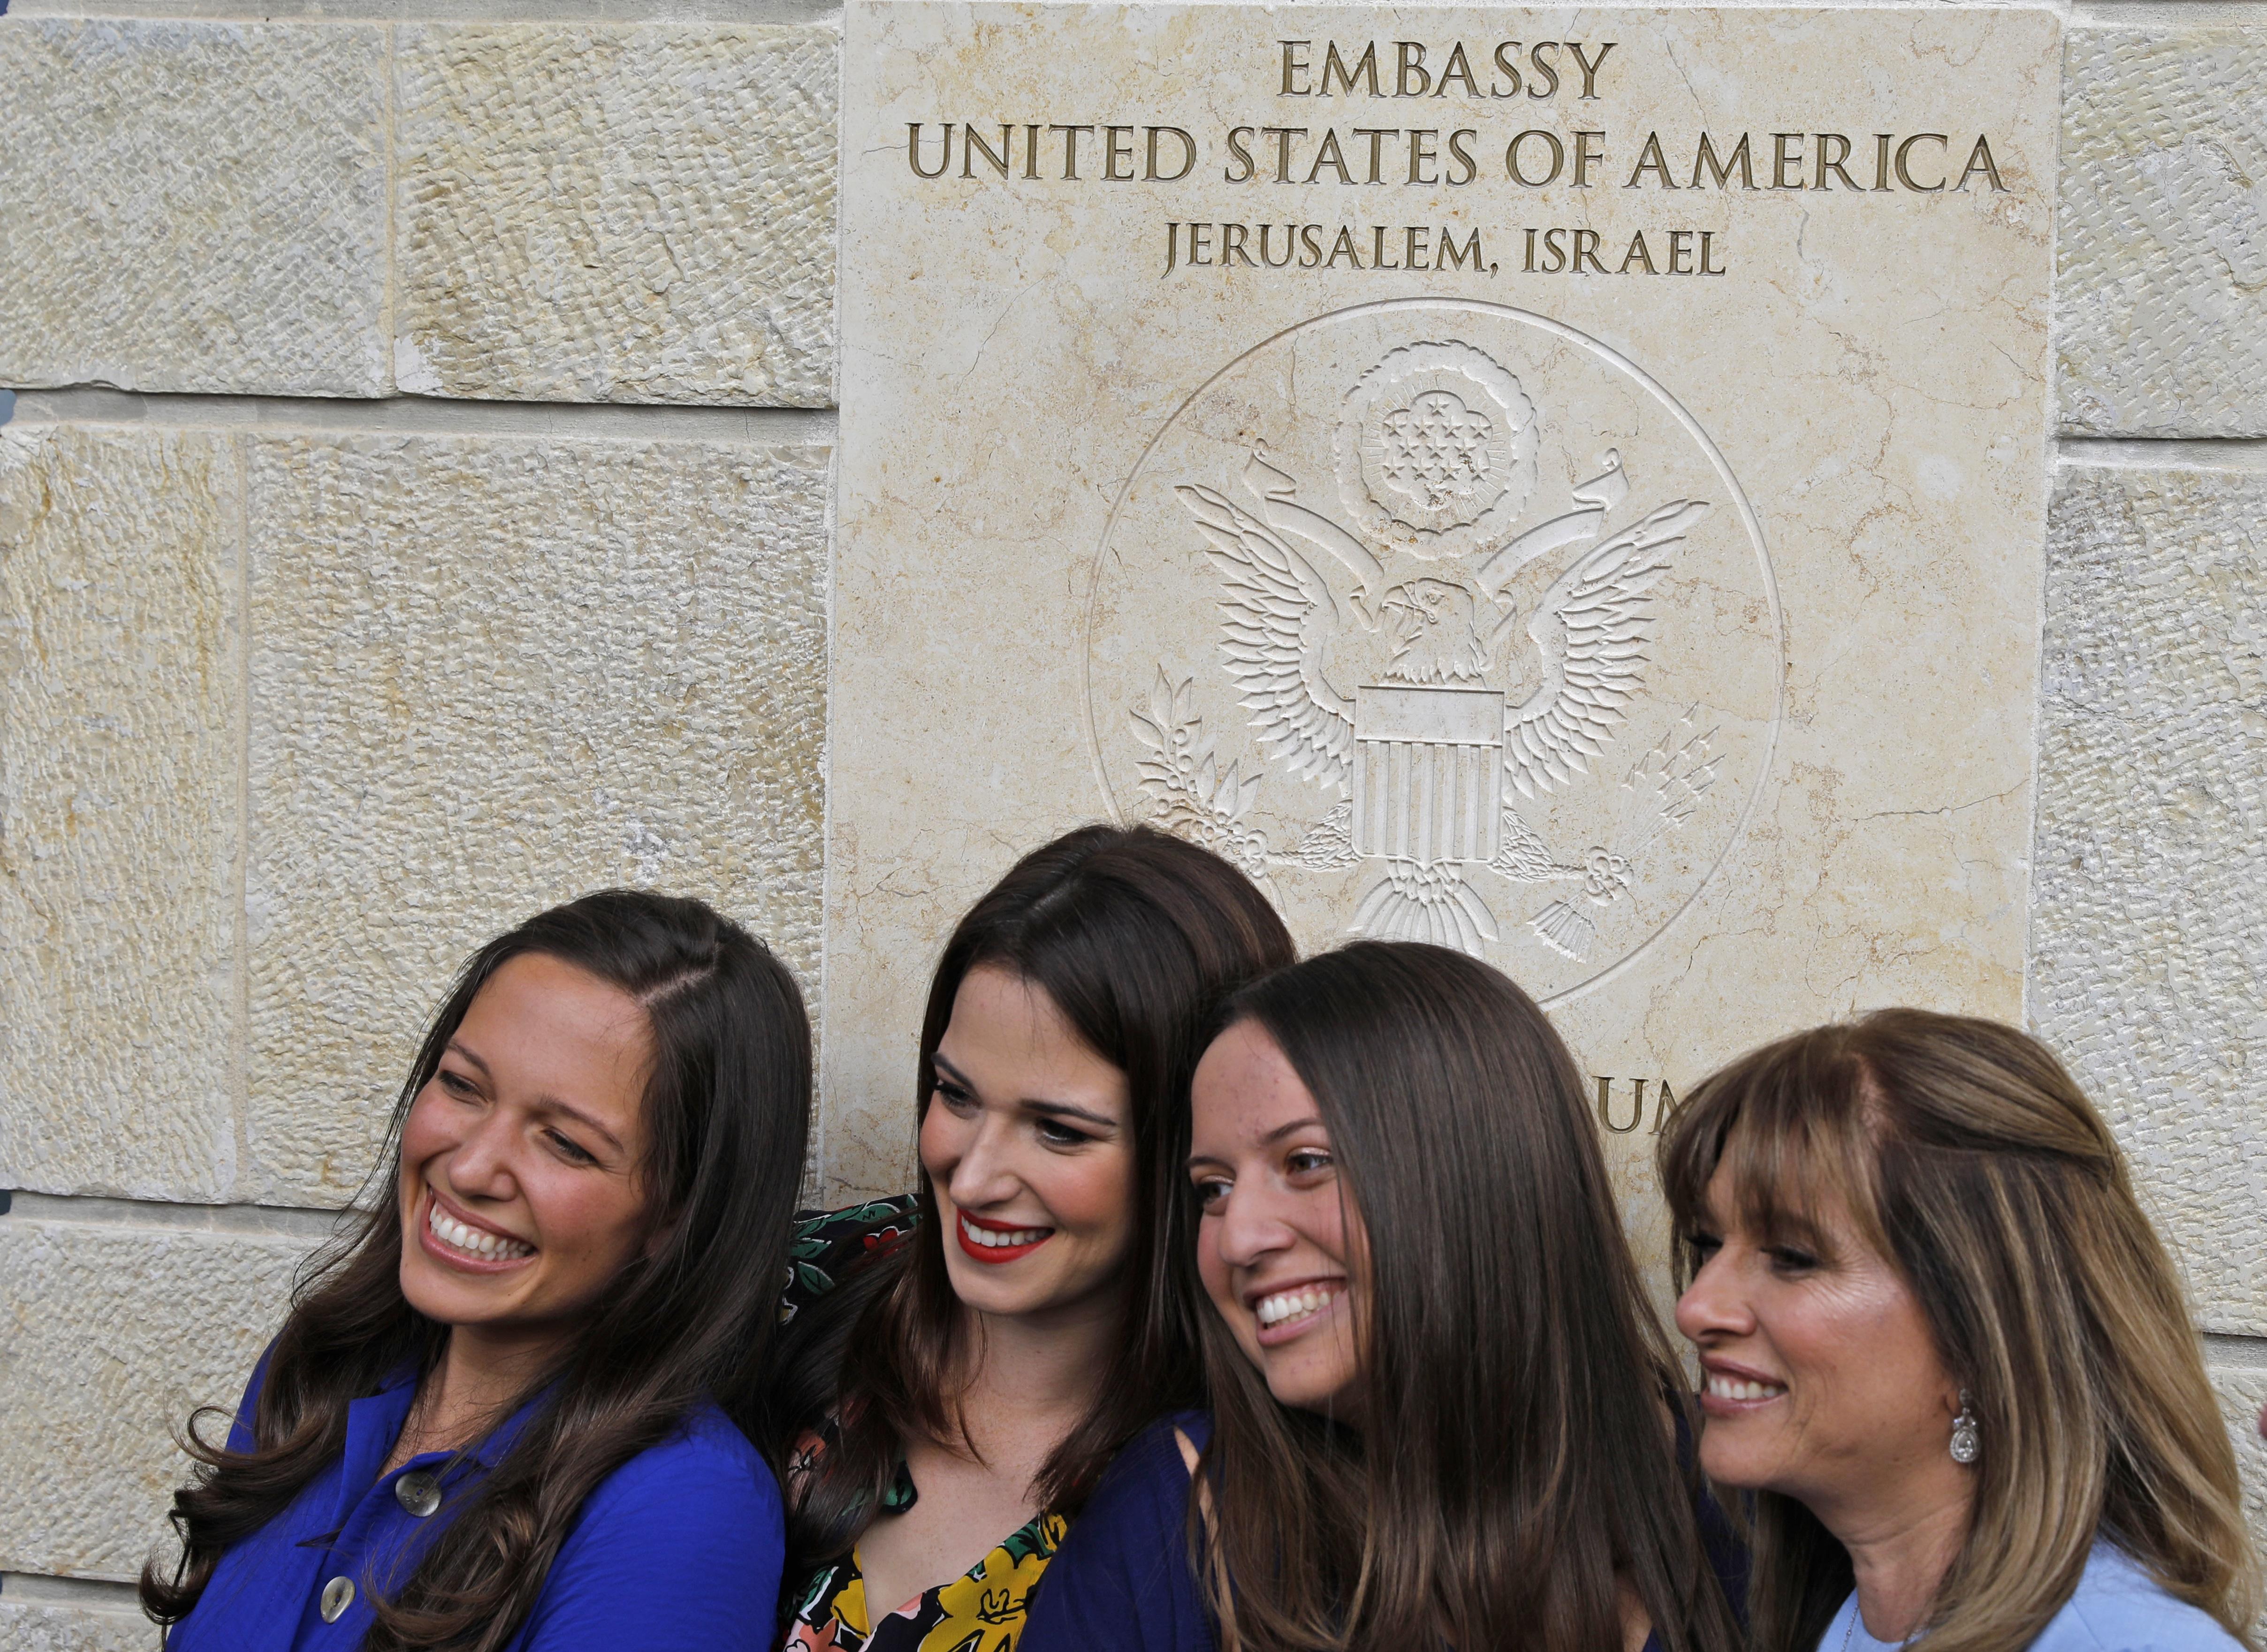 ambasciata gerusalemme scontri gazaambasciata gerusalemme scontri gazaambasciata gerusalemme scontri gaza